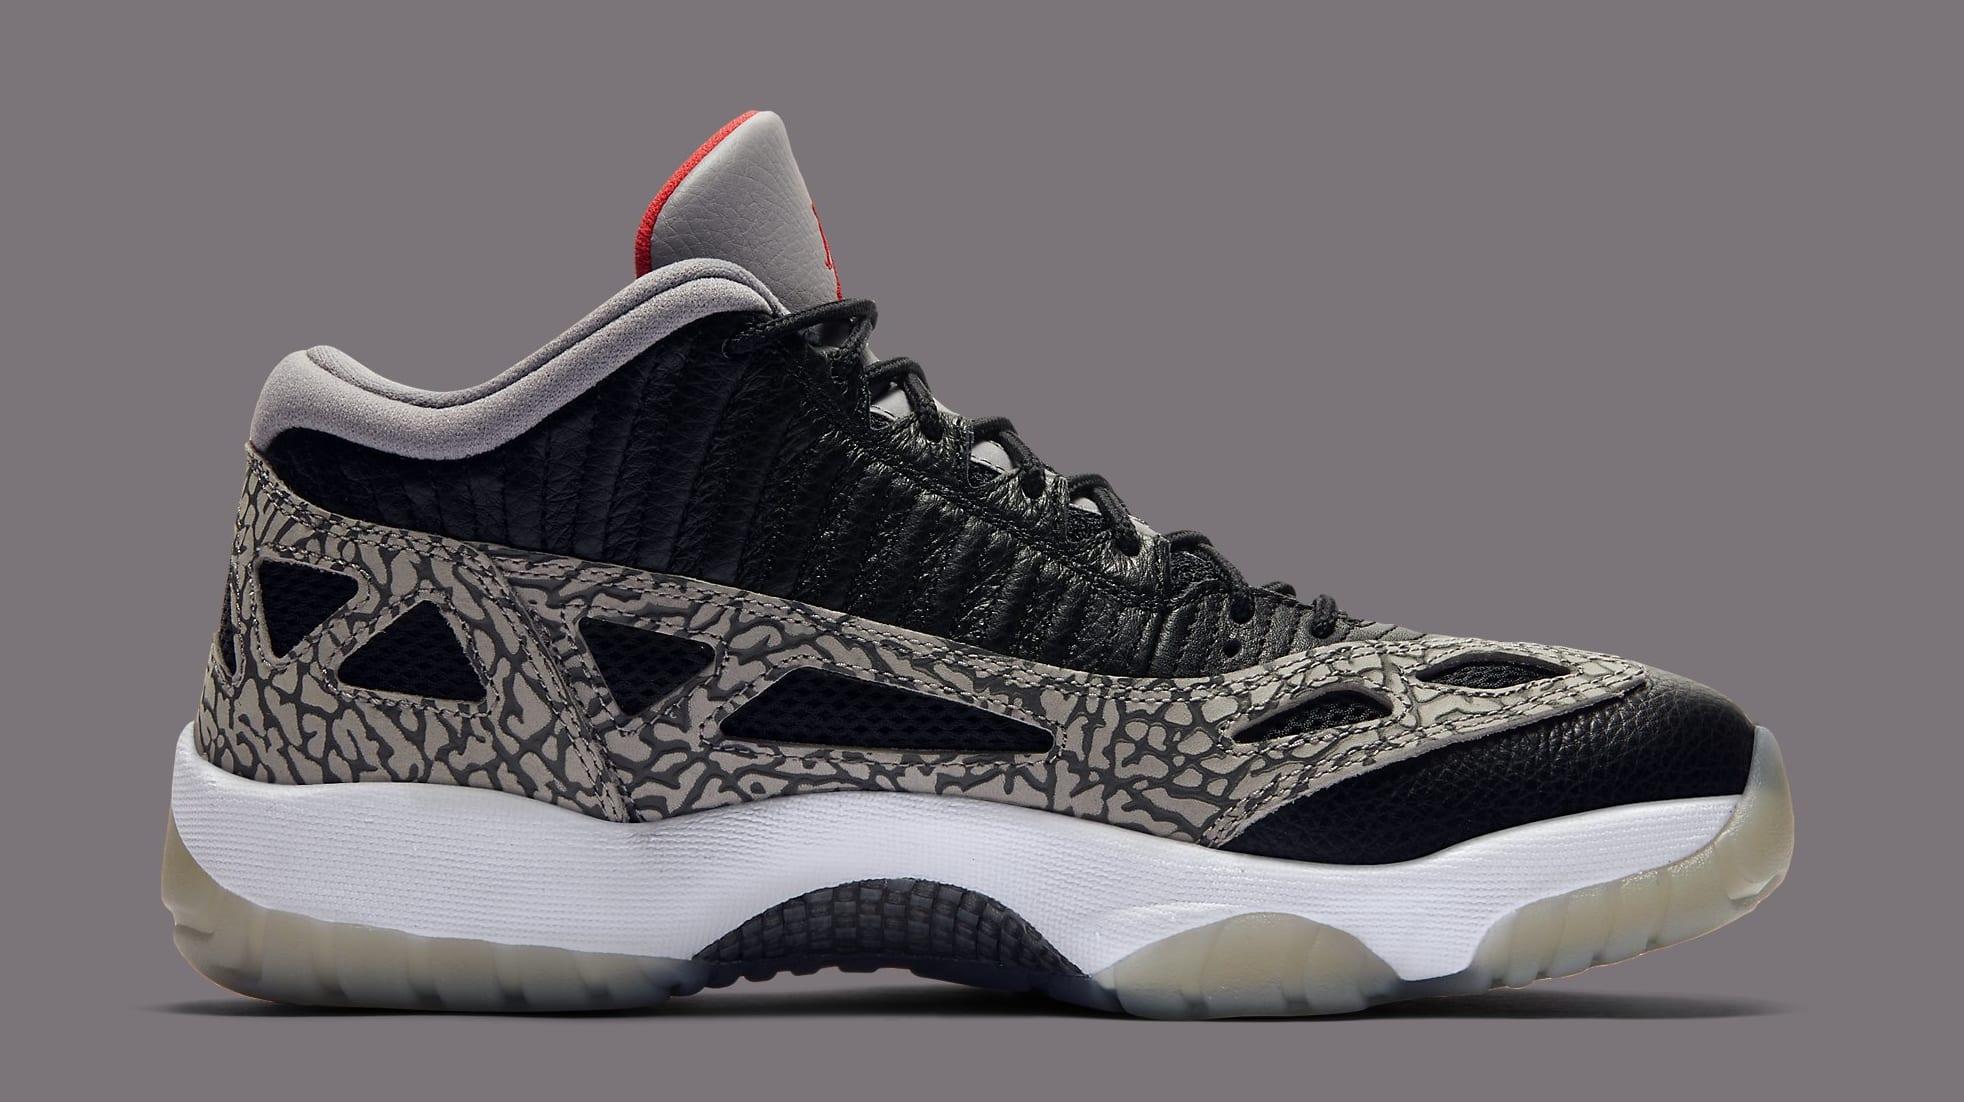 Air Jordan 11 Retro Low Black Cement Release Date 919712 006